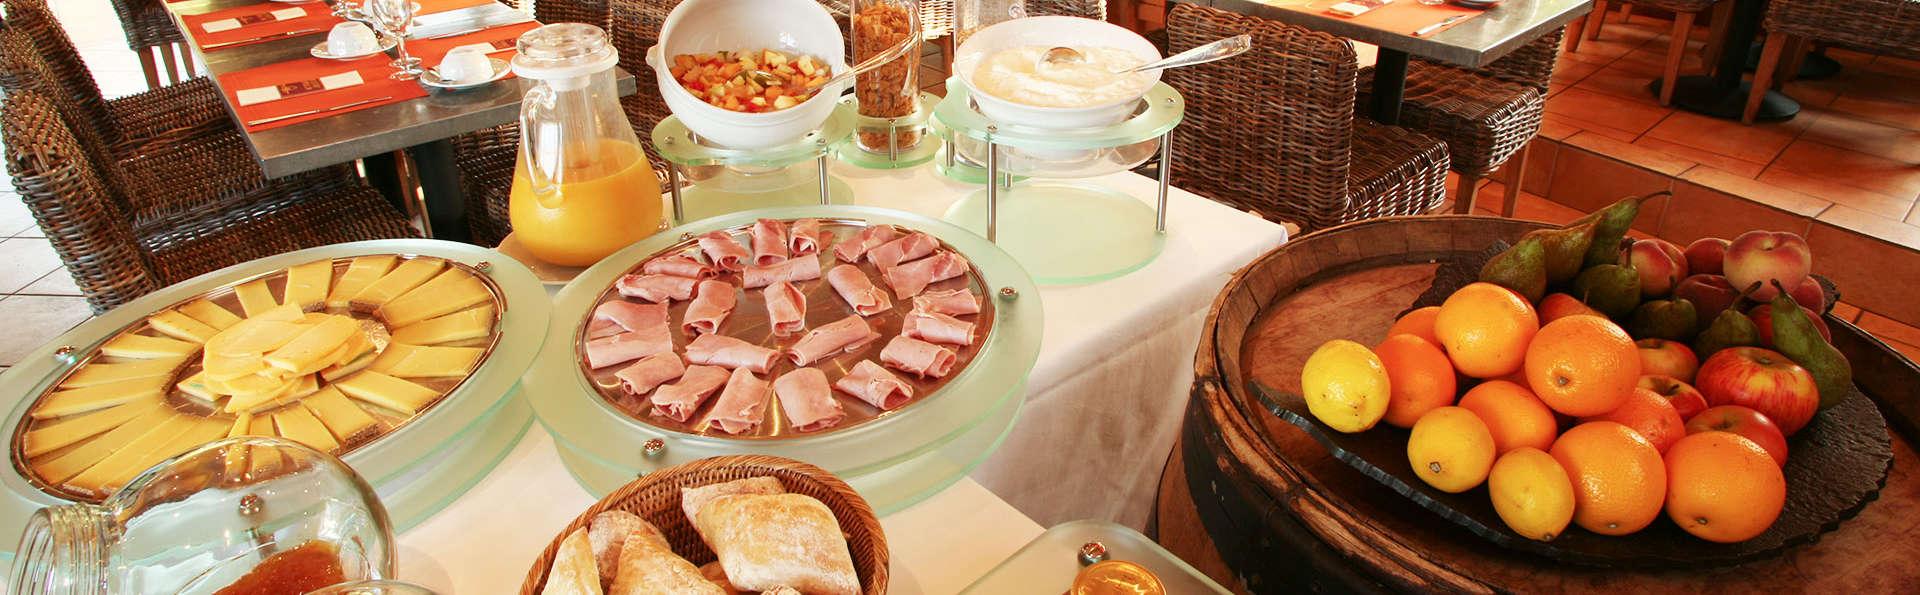 Hôtel Ar Milin - EDIT_buffet.jpg